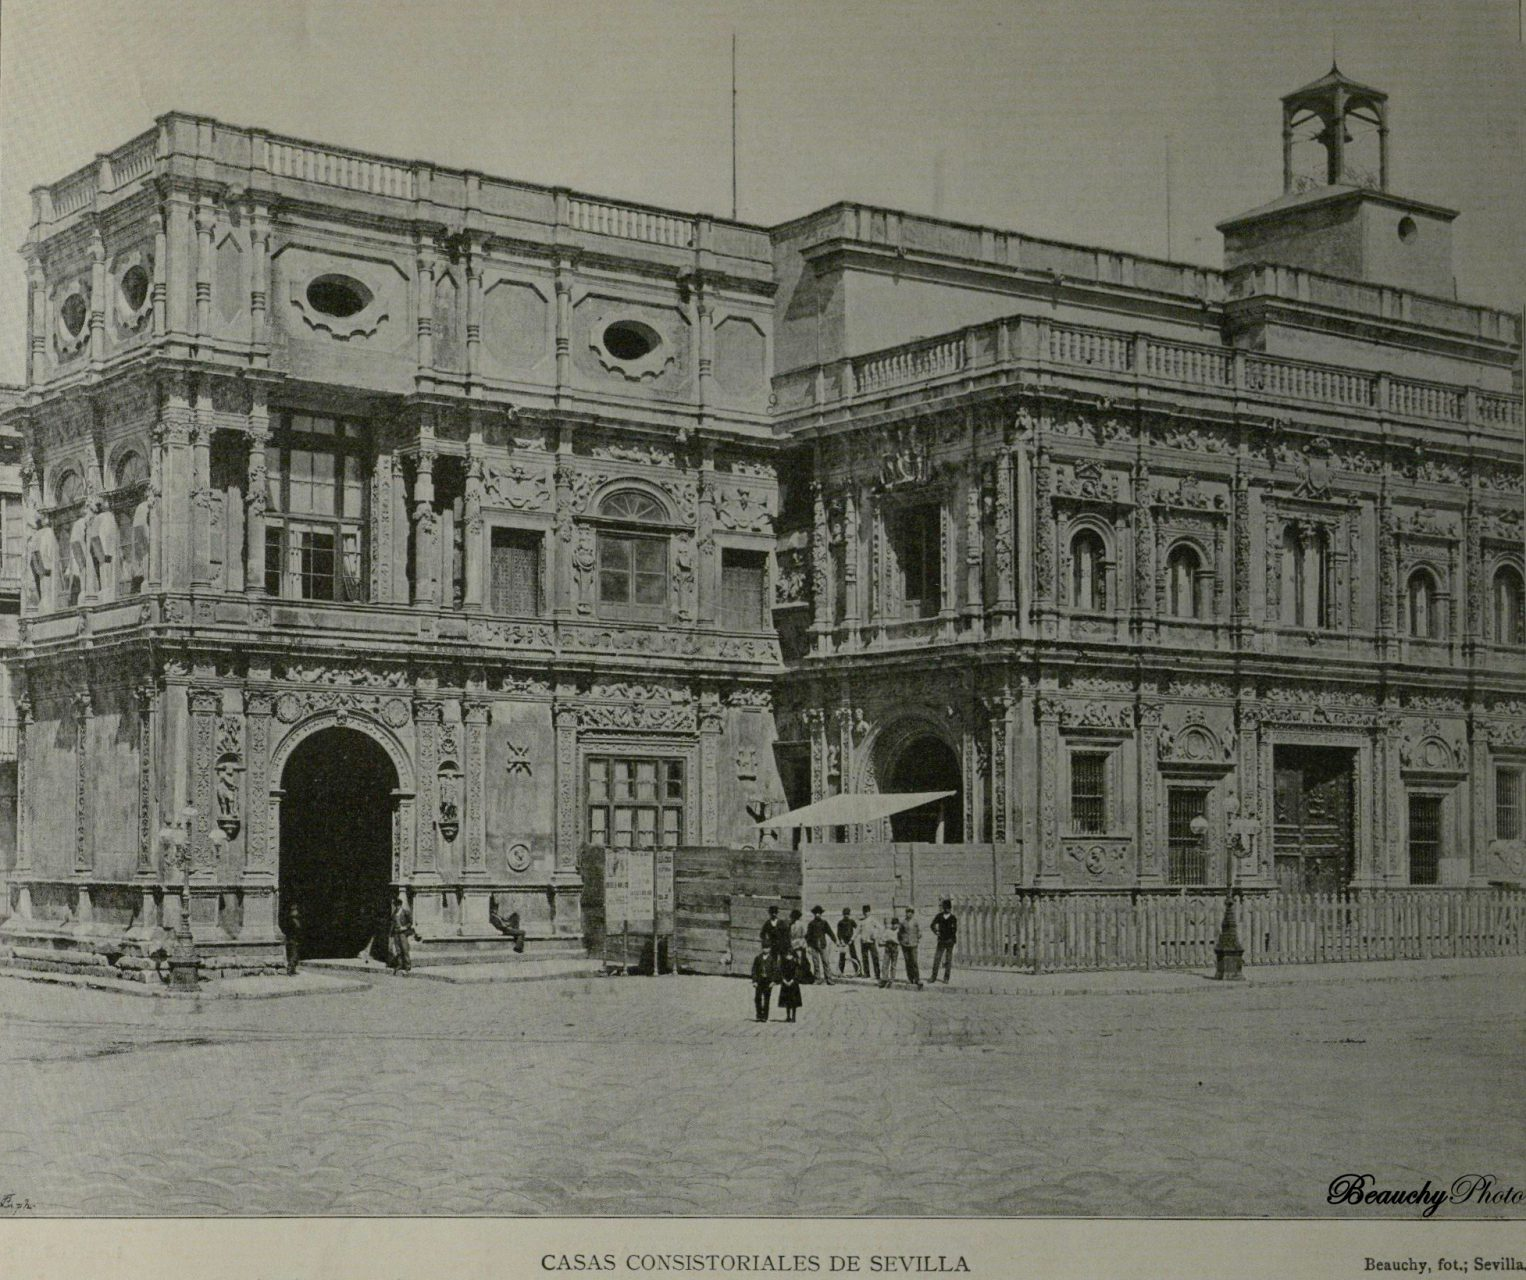 Beauchyphoto_Casas_Consistoriales_de_Sevilla_Emilio_Beauchy_Cano_fotografias_antiguas_postales_vistas_y_monumentos